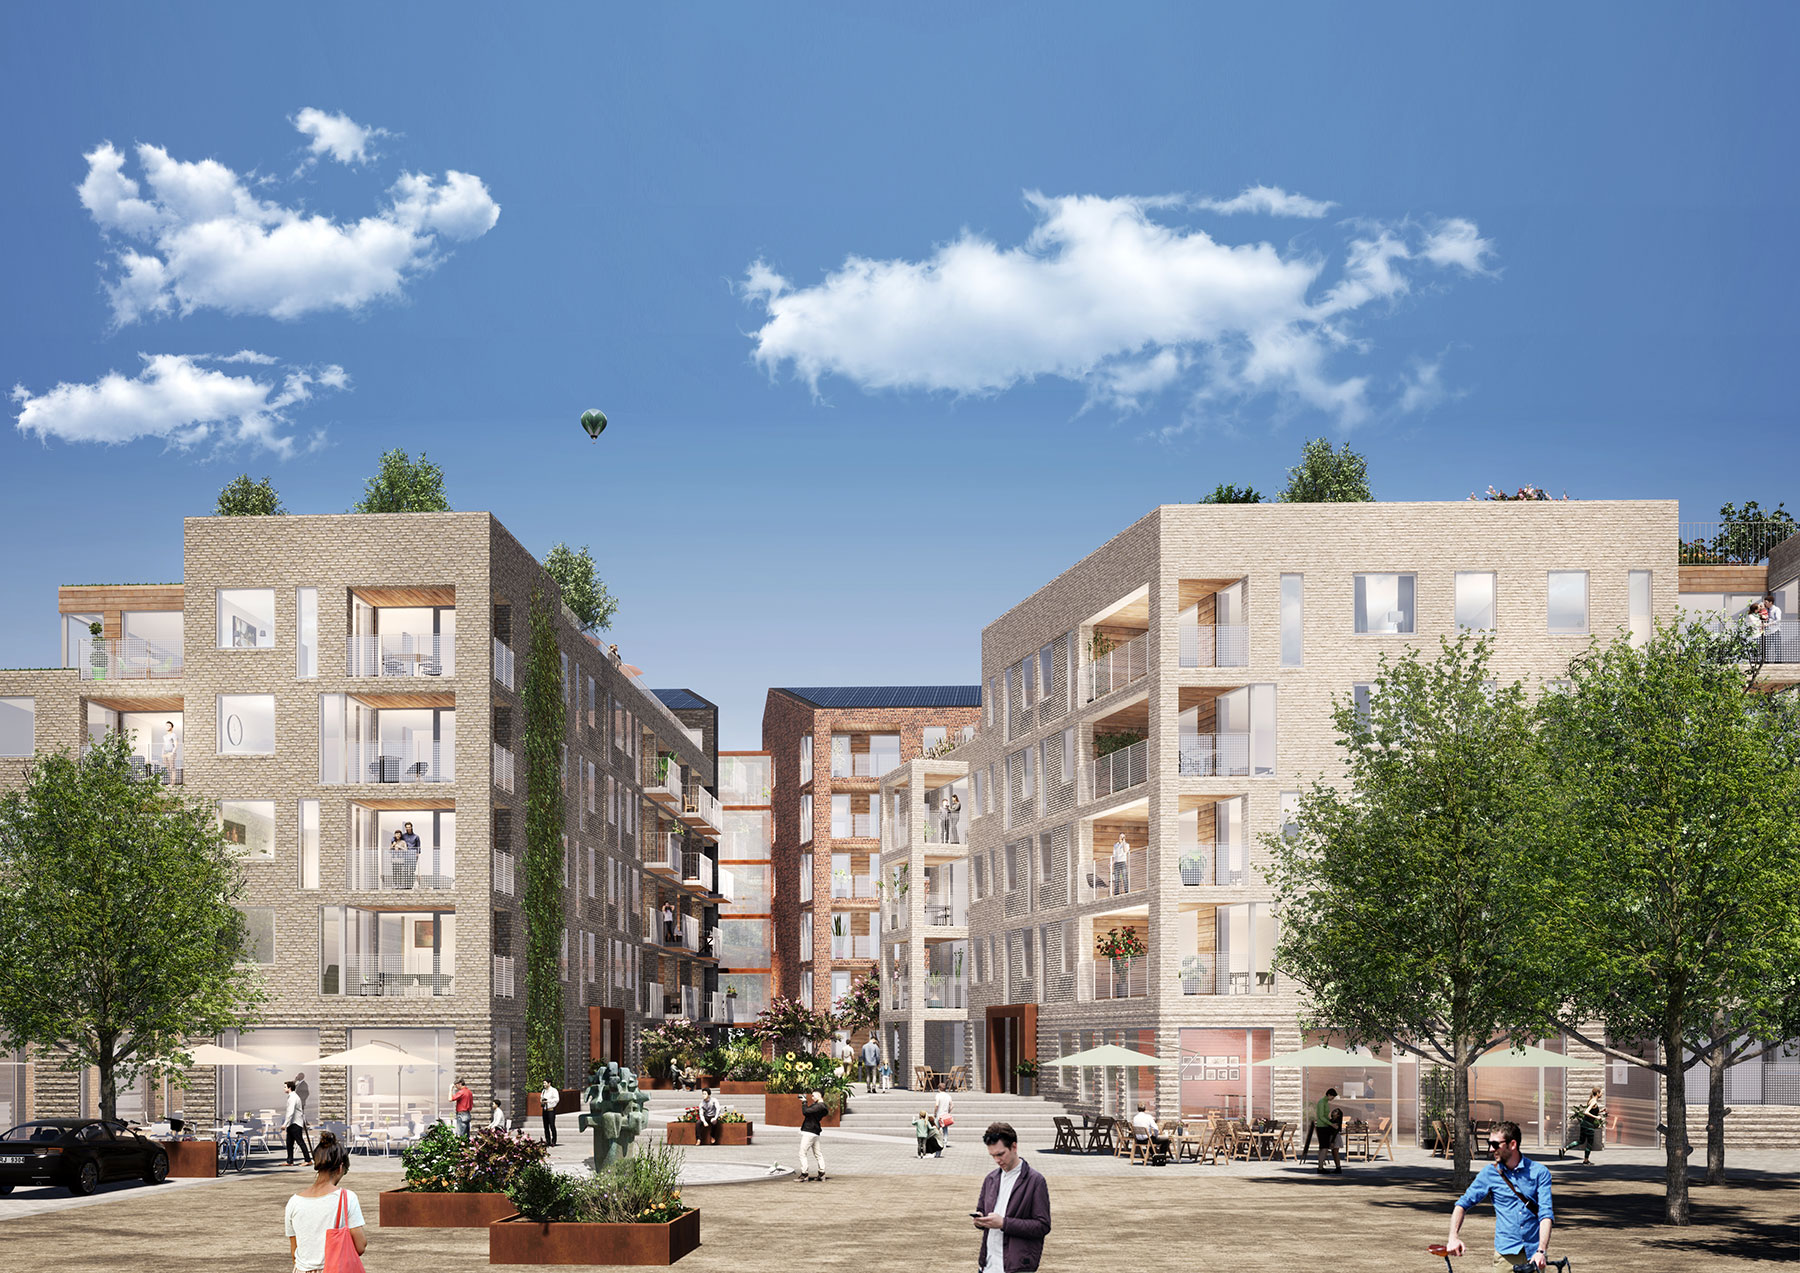 80 nya bostadsrätter och 32 seniorlägenheter blir det på Föreningstorget